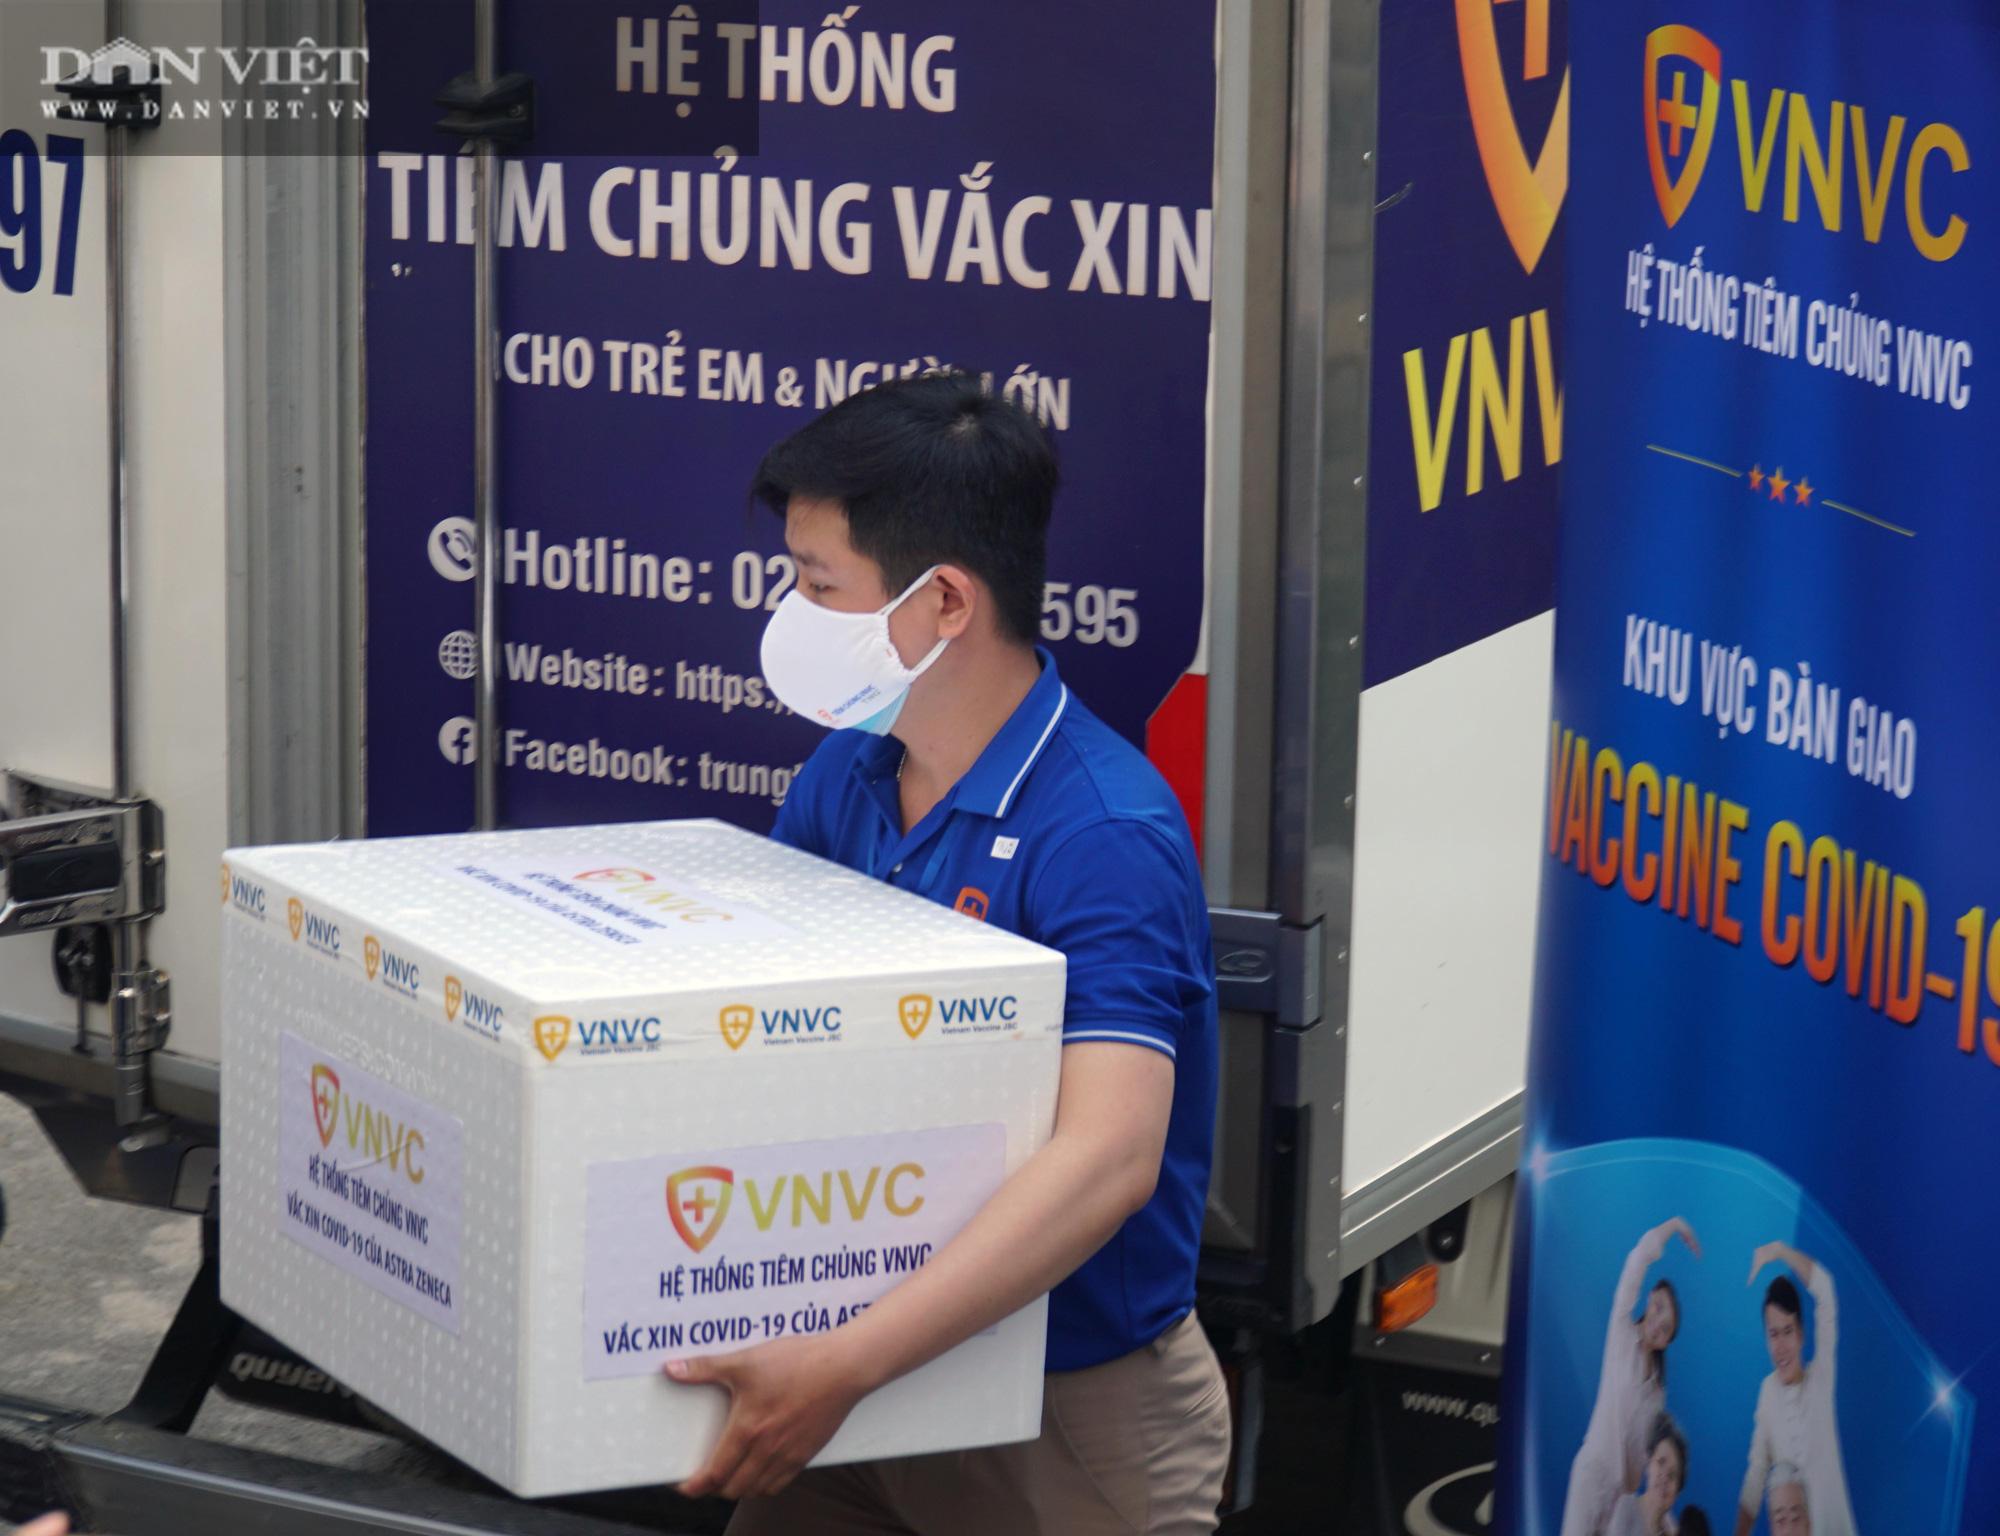 NÓNG: Cận cảnh lô vaccine Covid-19 tiêm đợt đầu tiên tại TP.HCM - Ảnh 8.